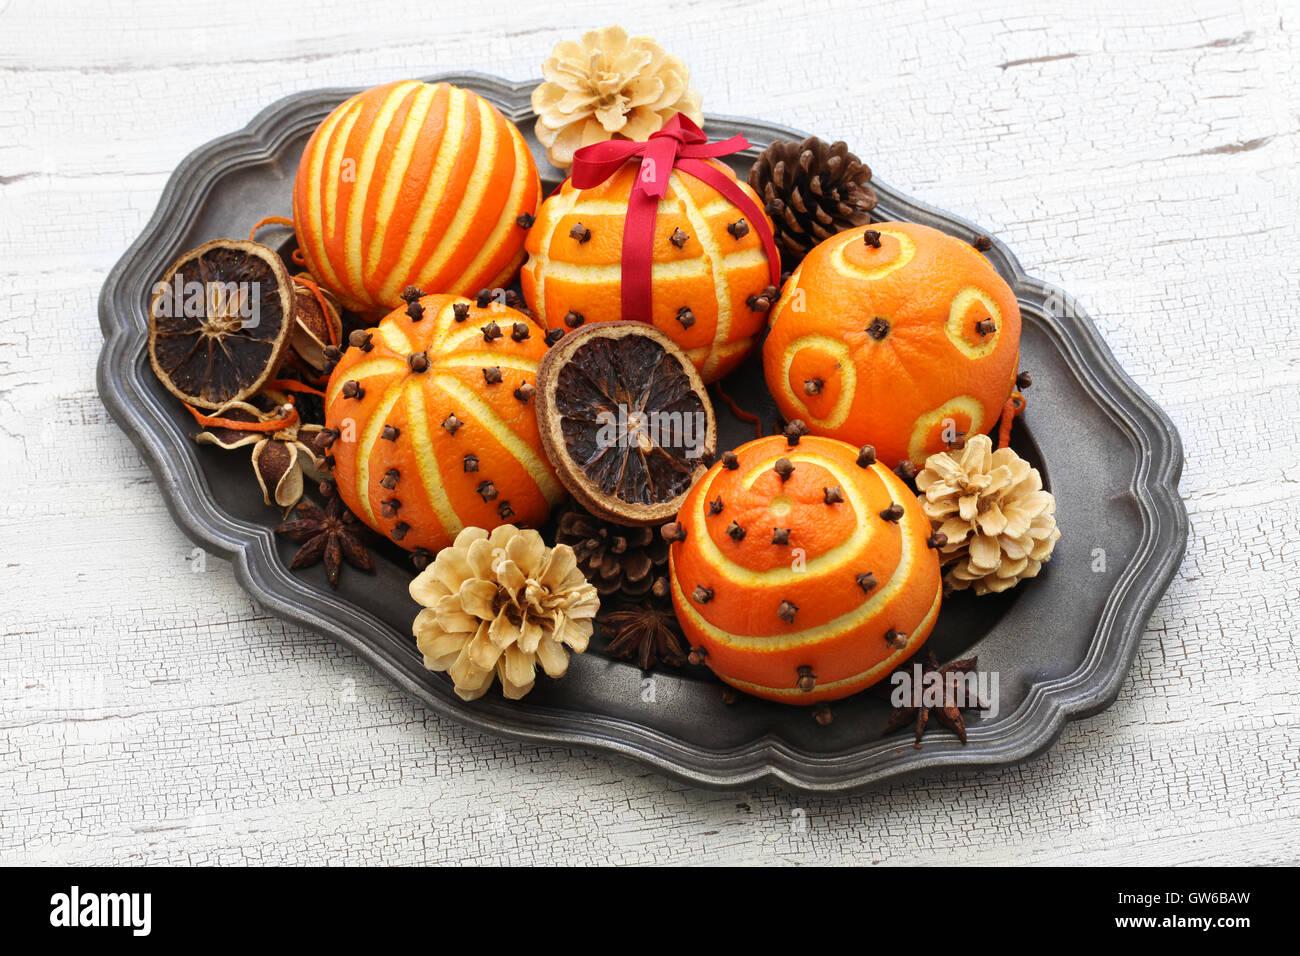 Spiced orange palle pomander profumato Natale Decorazioni per la tavola Immagini Stock